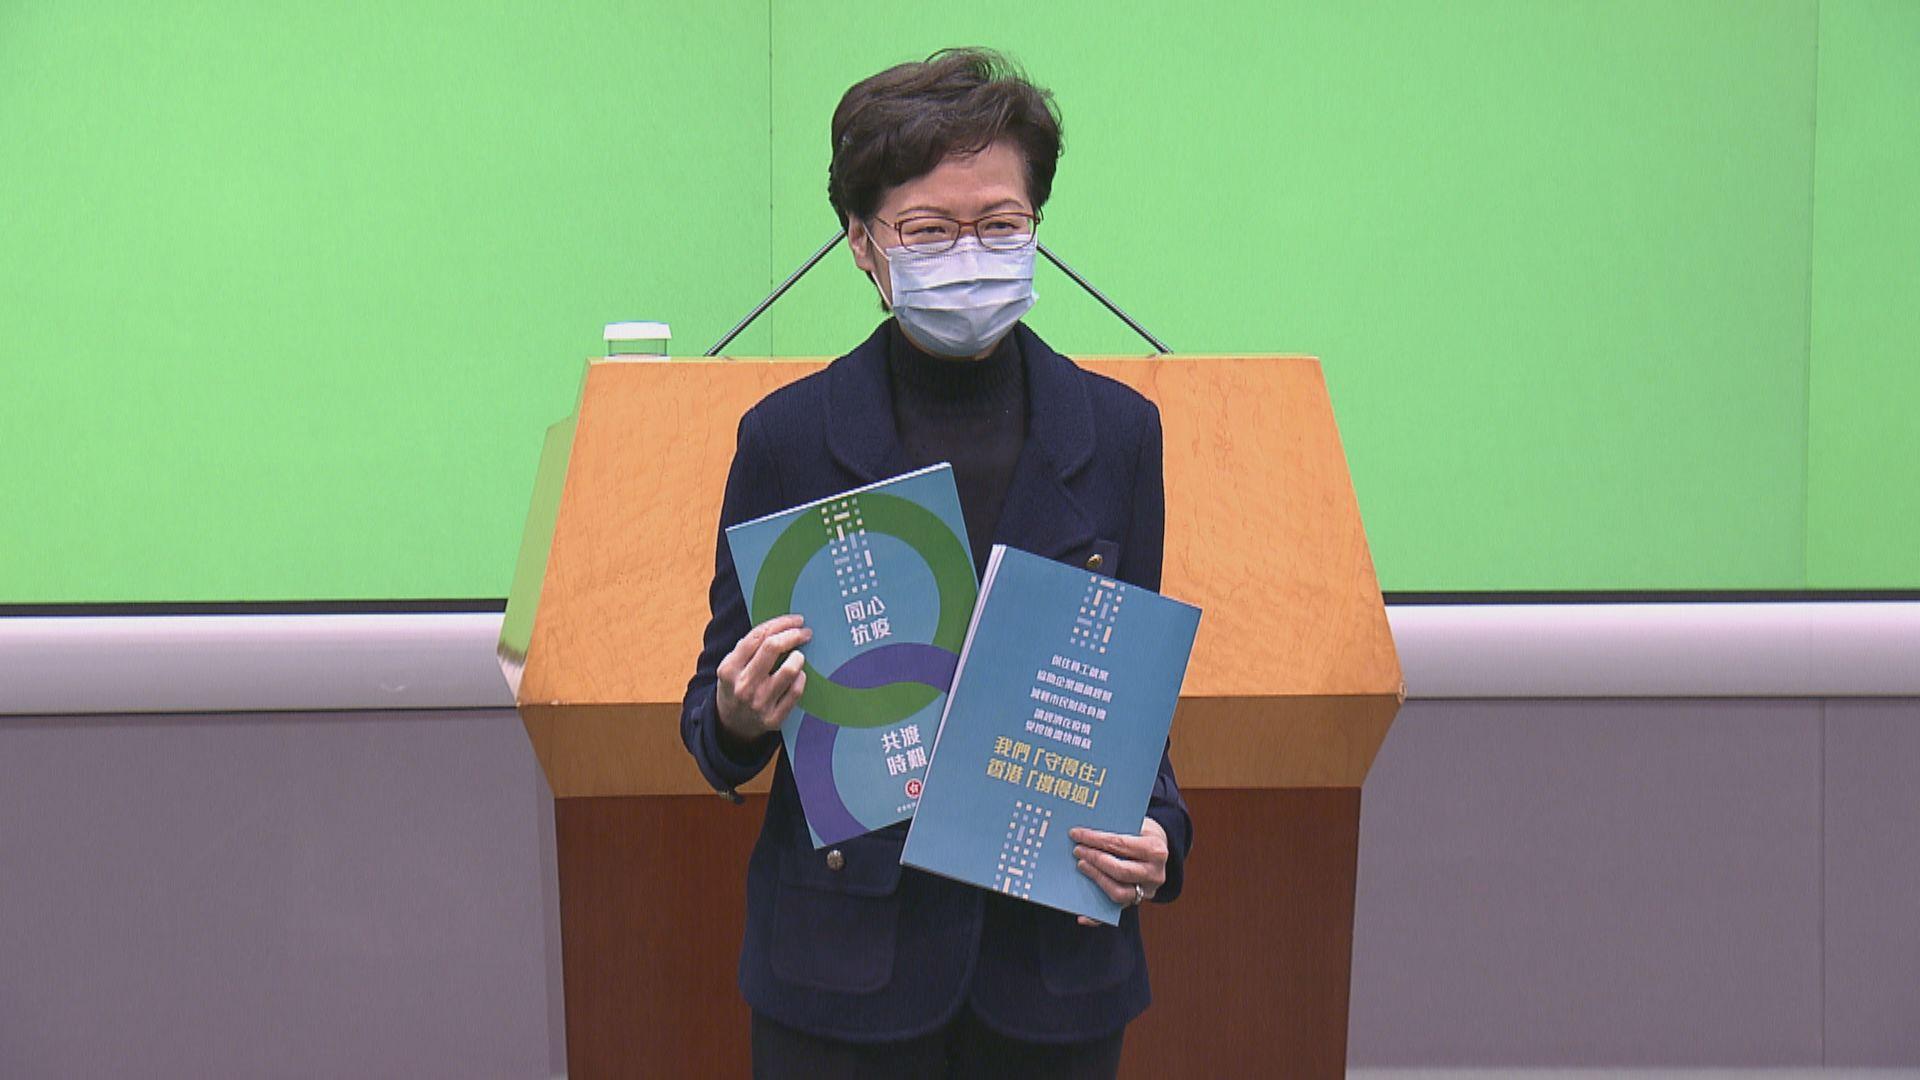 【一文睇晒】第二輪防疫抗疫基金詳情